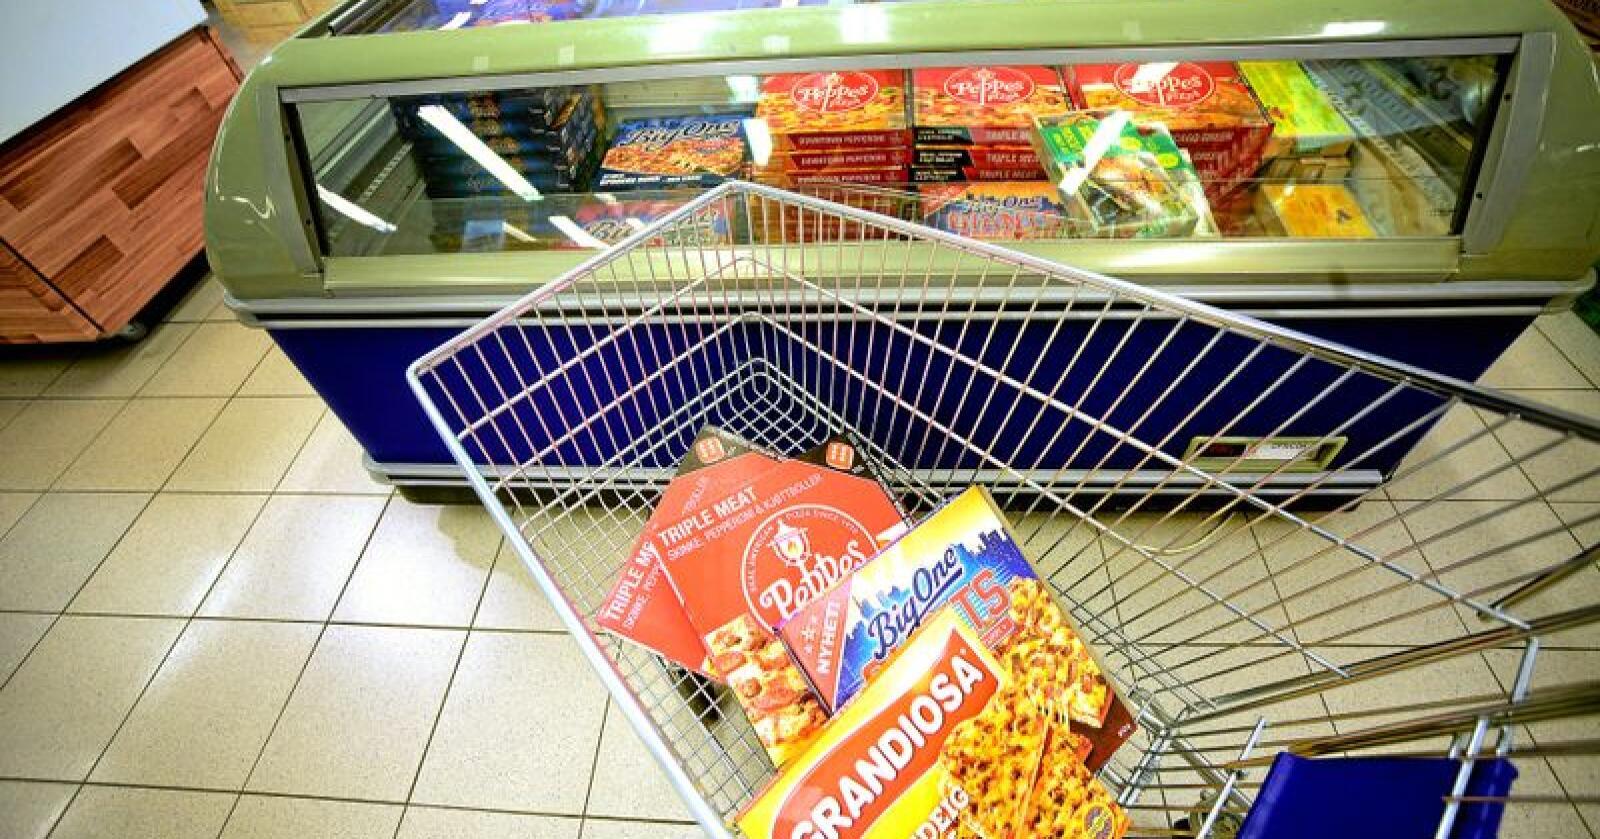 Høyprosessert: Most, redigert, tilsatt og ofte utenlandsk mat vinner i matfatet. Foto: Siri Juell Rasmussen